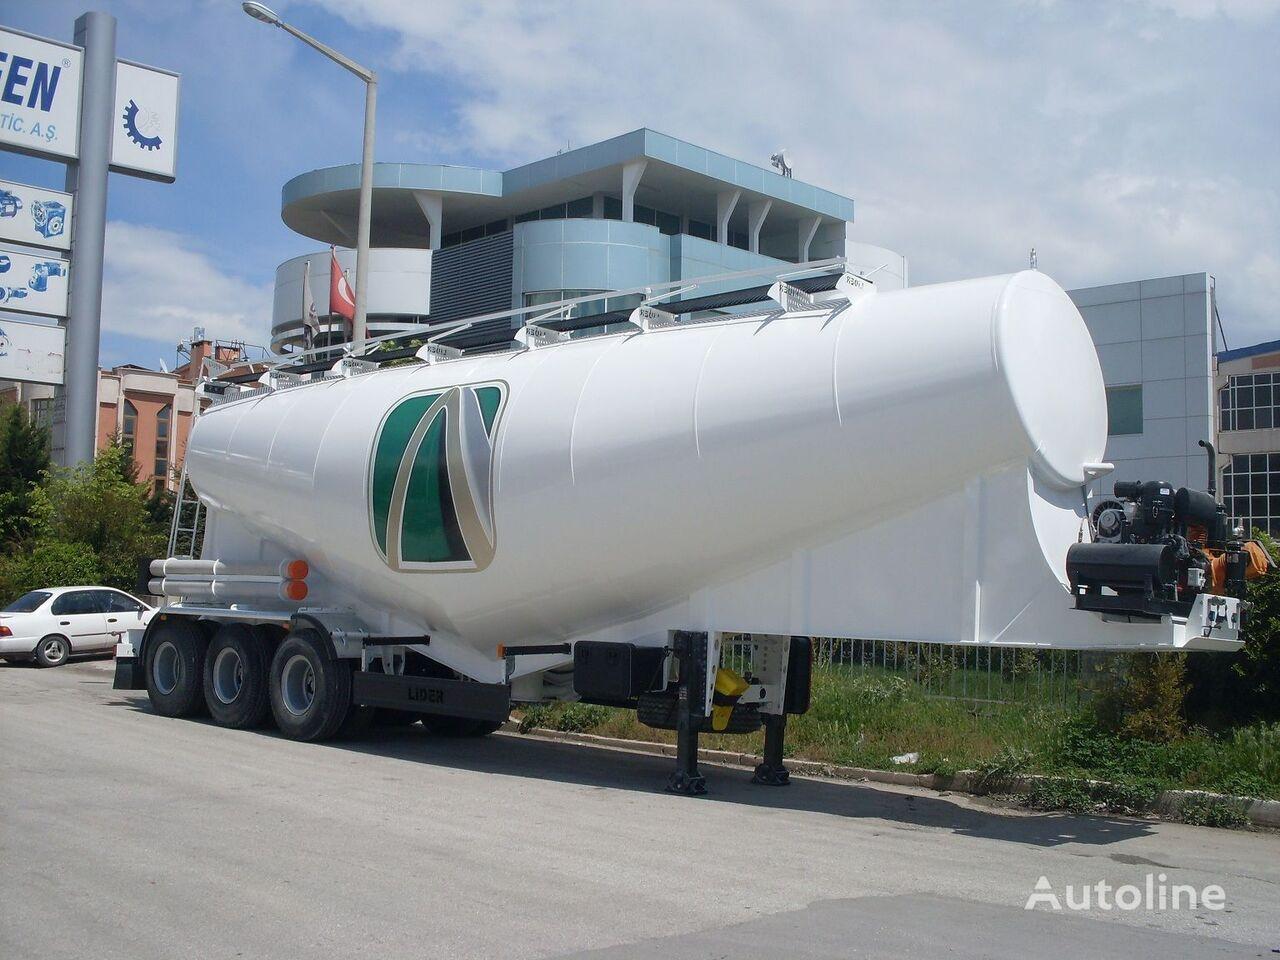 novi LIDER بلكر اسمنت مواصفات اوربية 2019 kamion za prijevoz cementa